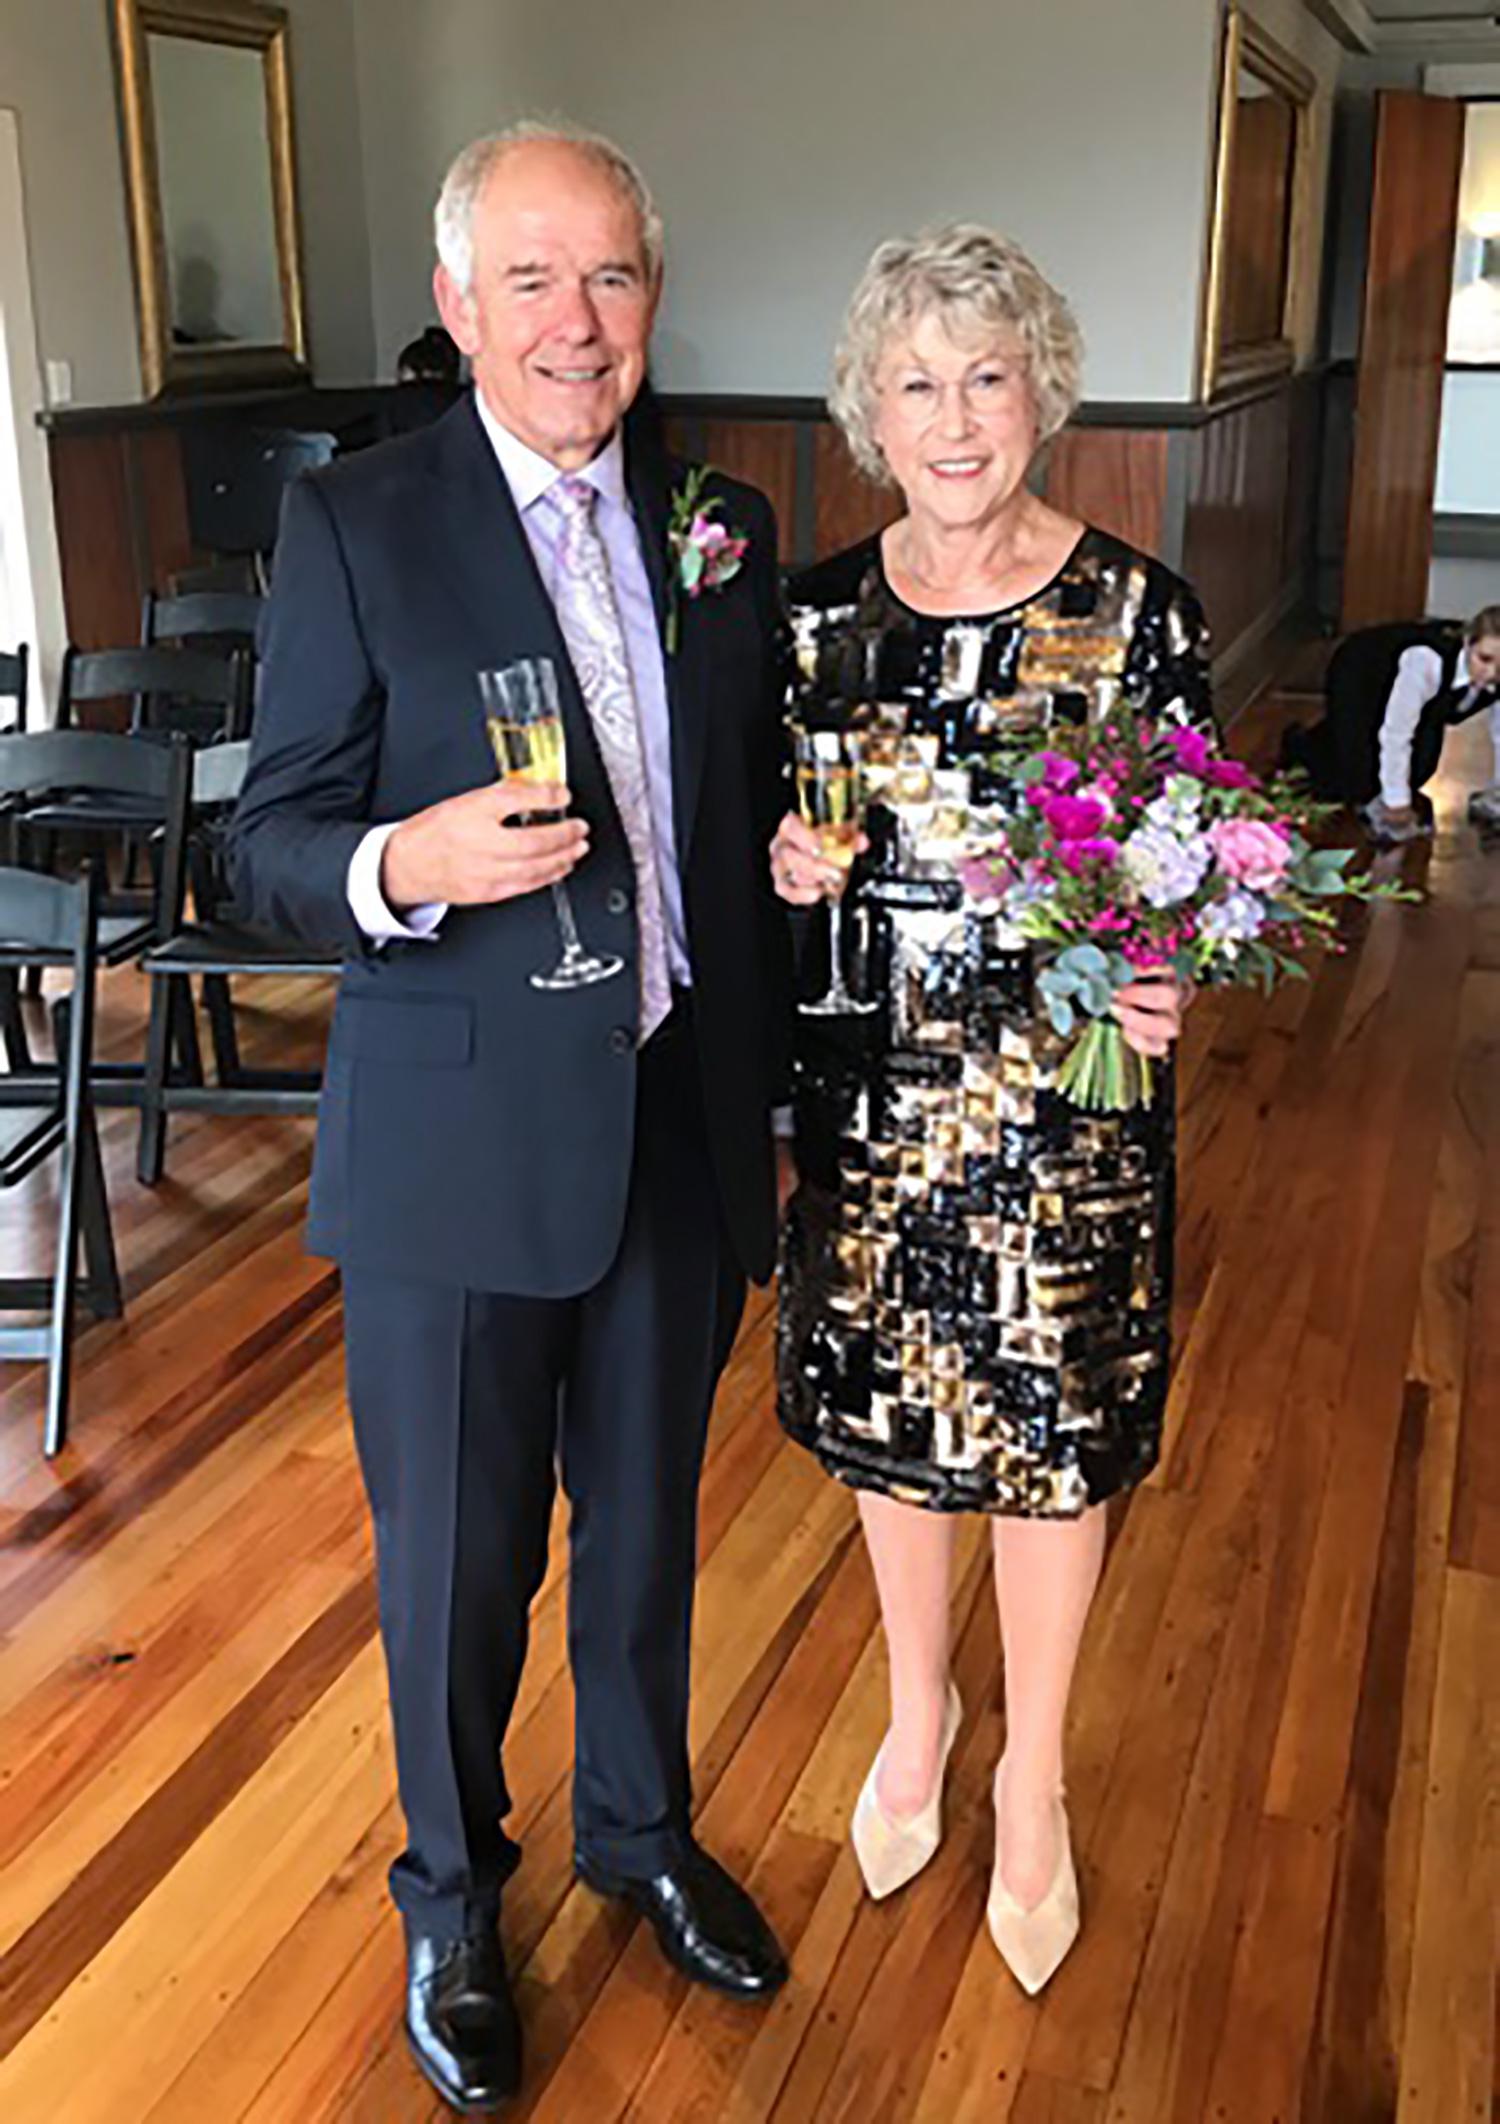 Moira-McCullough-Wedding-Celebrant-15.jpg